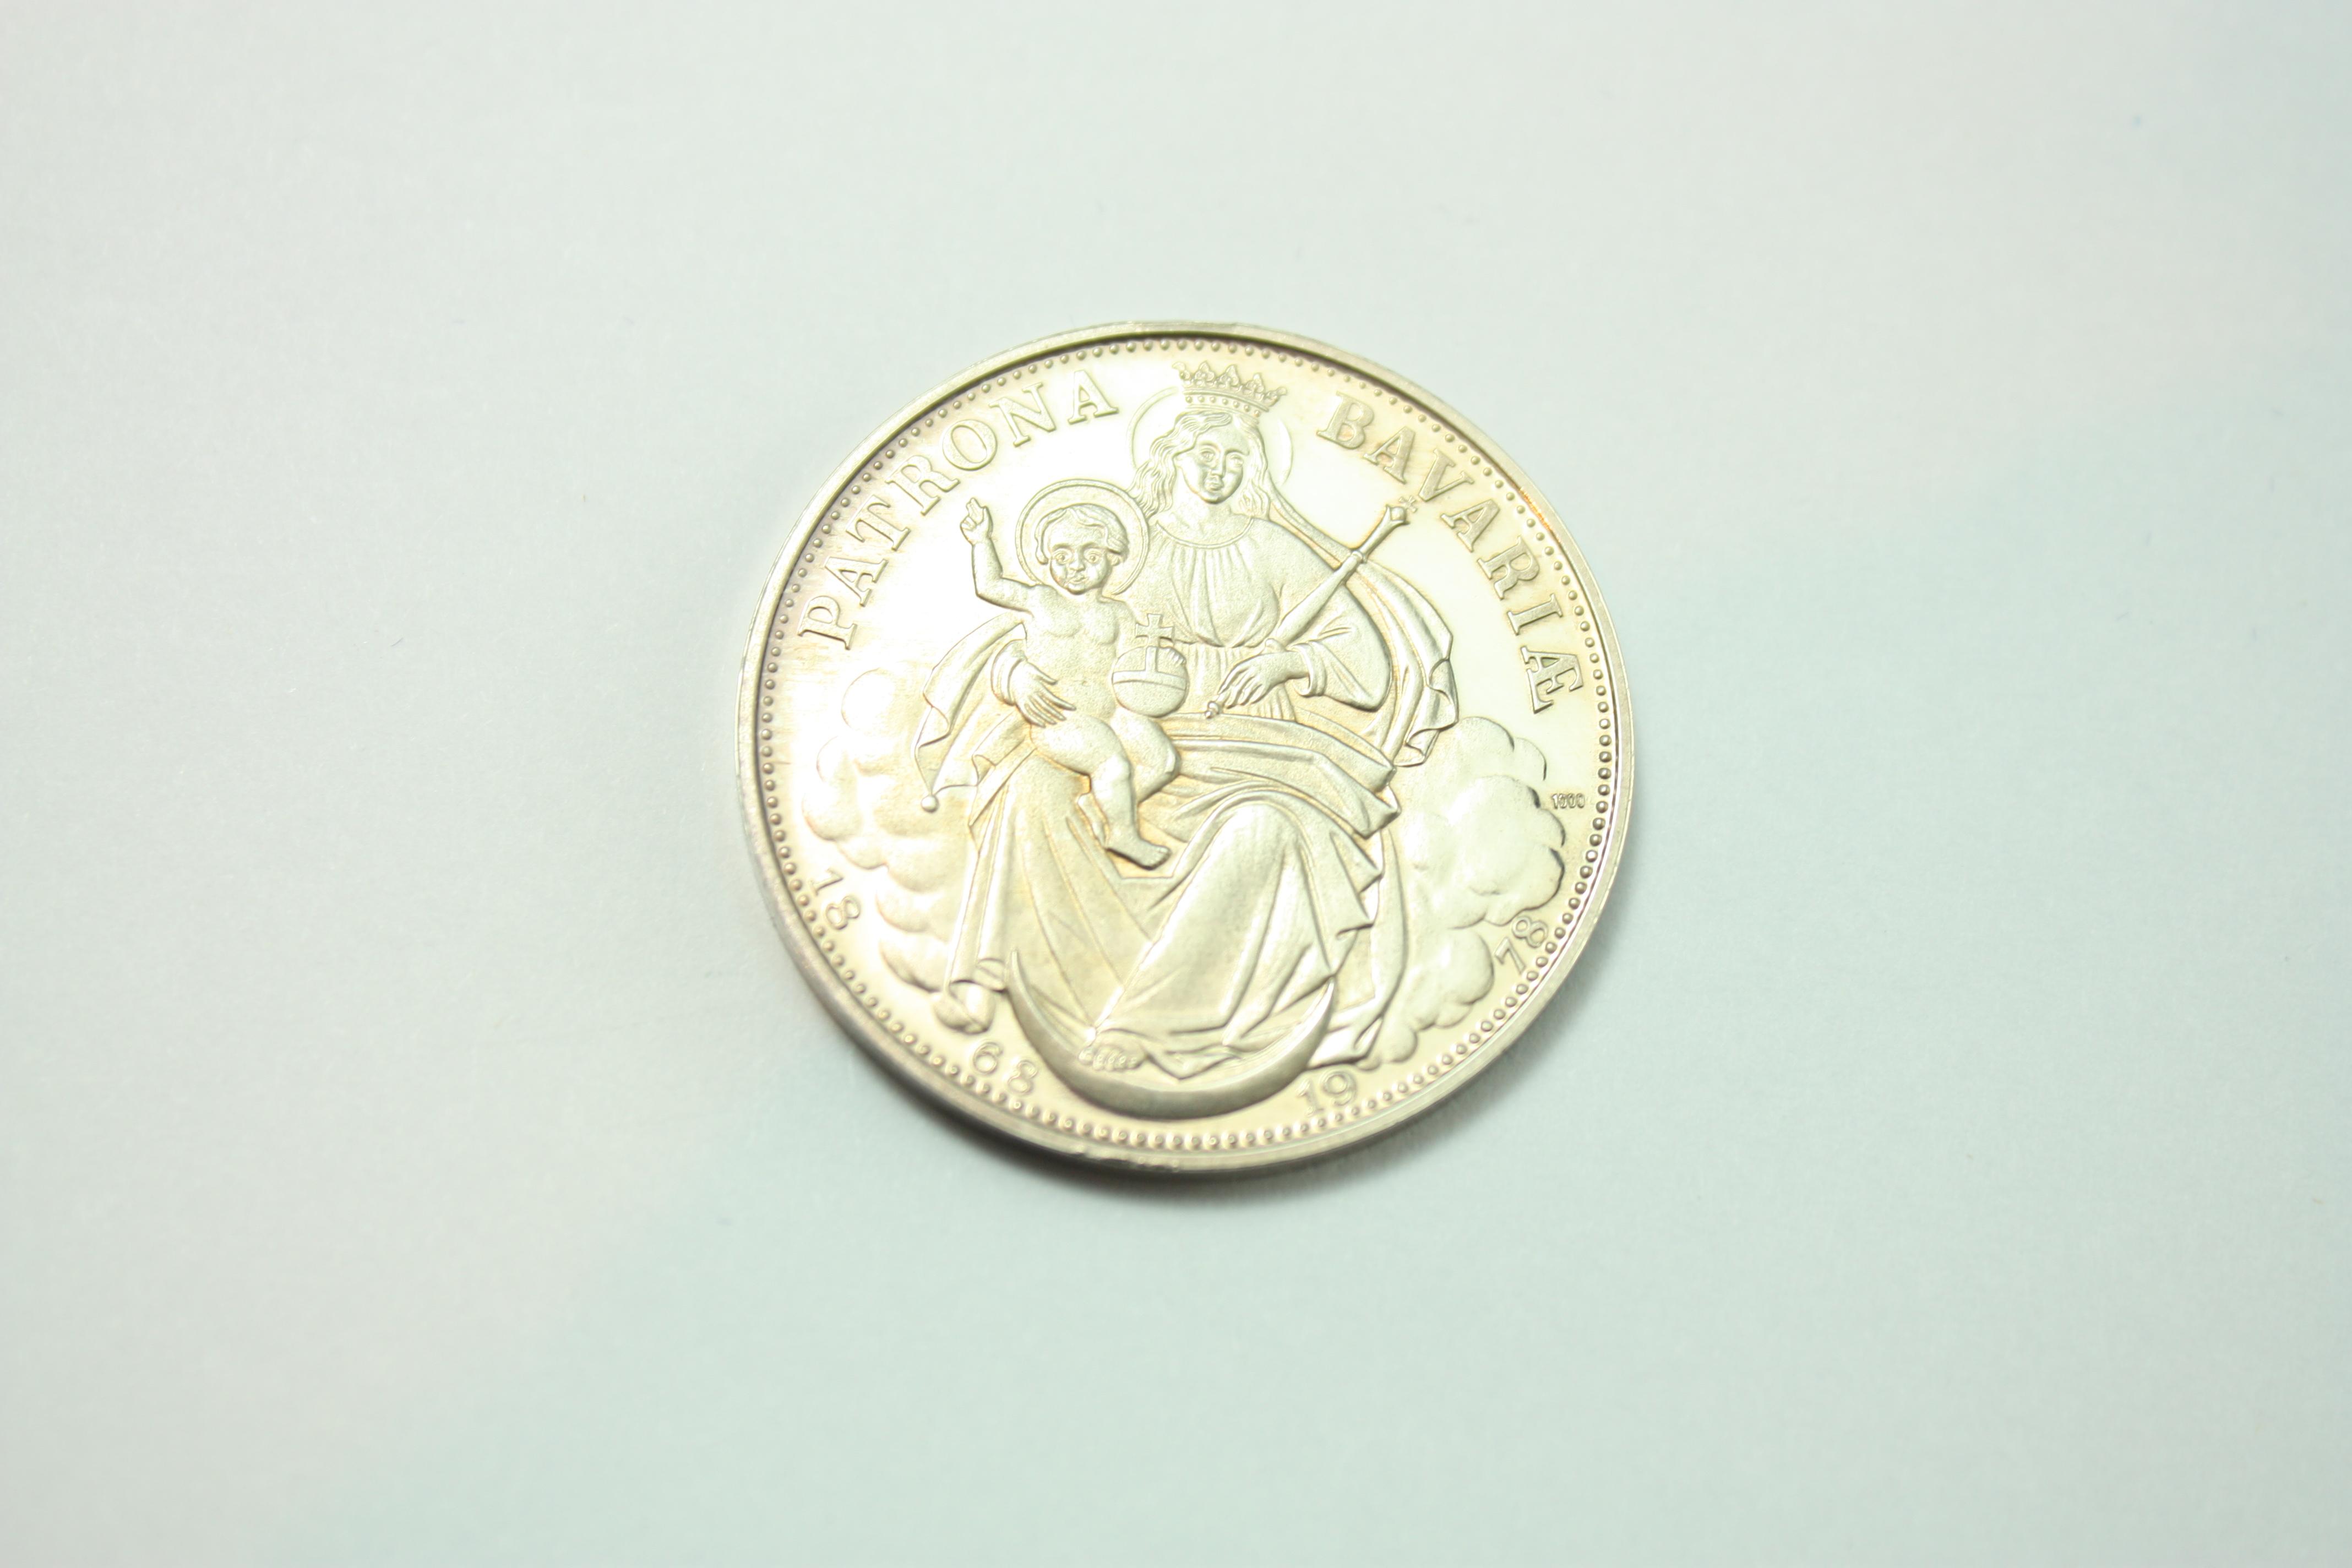 Patrona Bavariae ι Die Orden Und Ehrenzeichen Unserer Republik